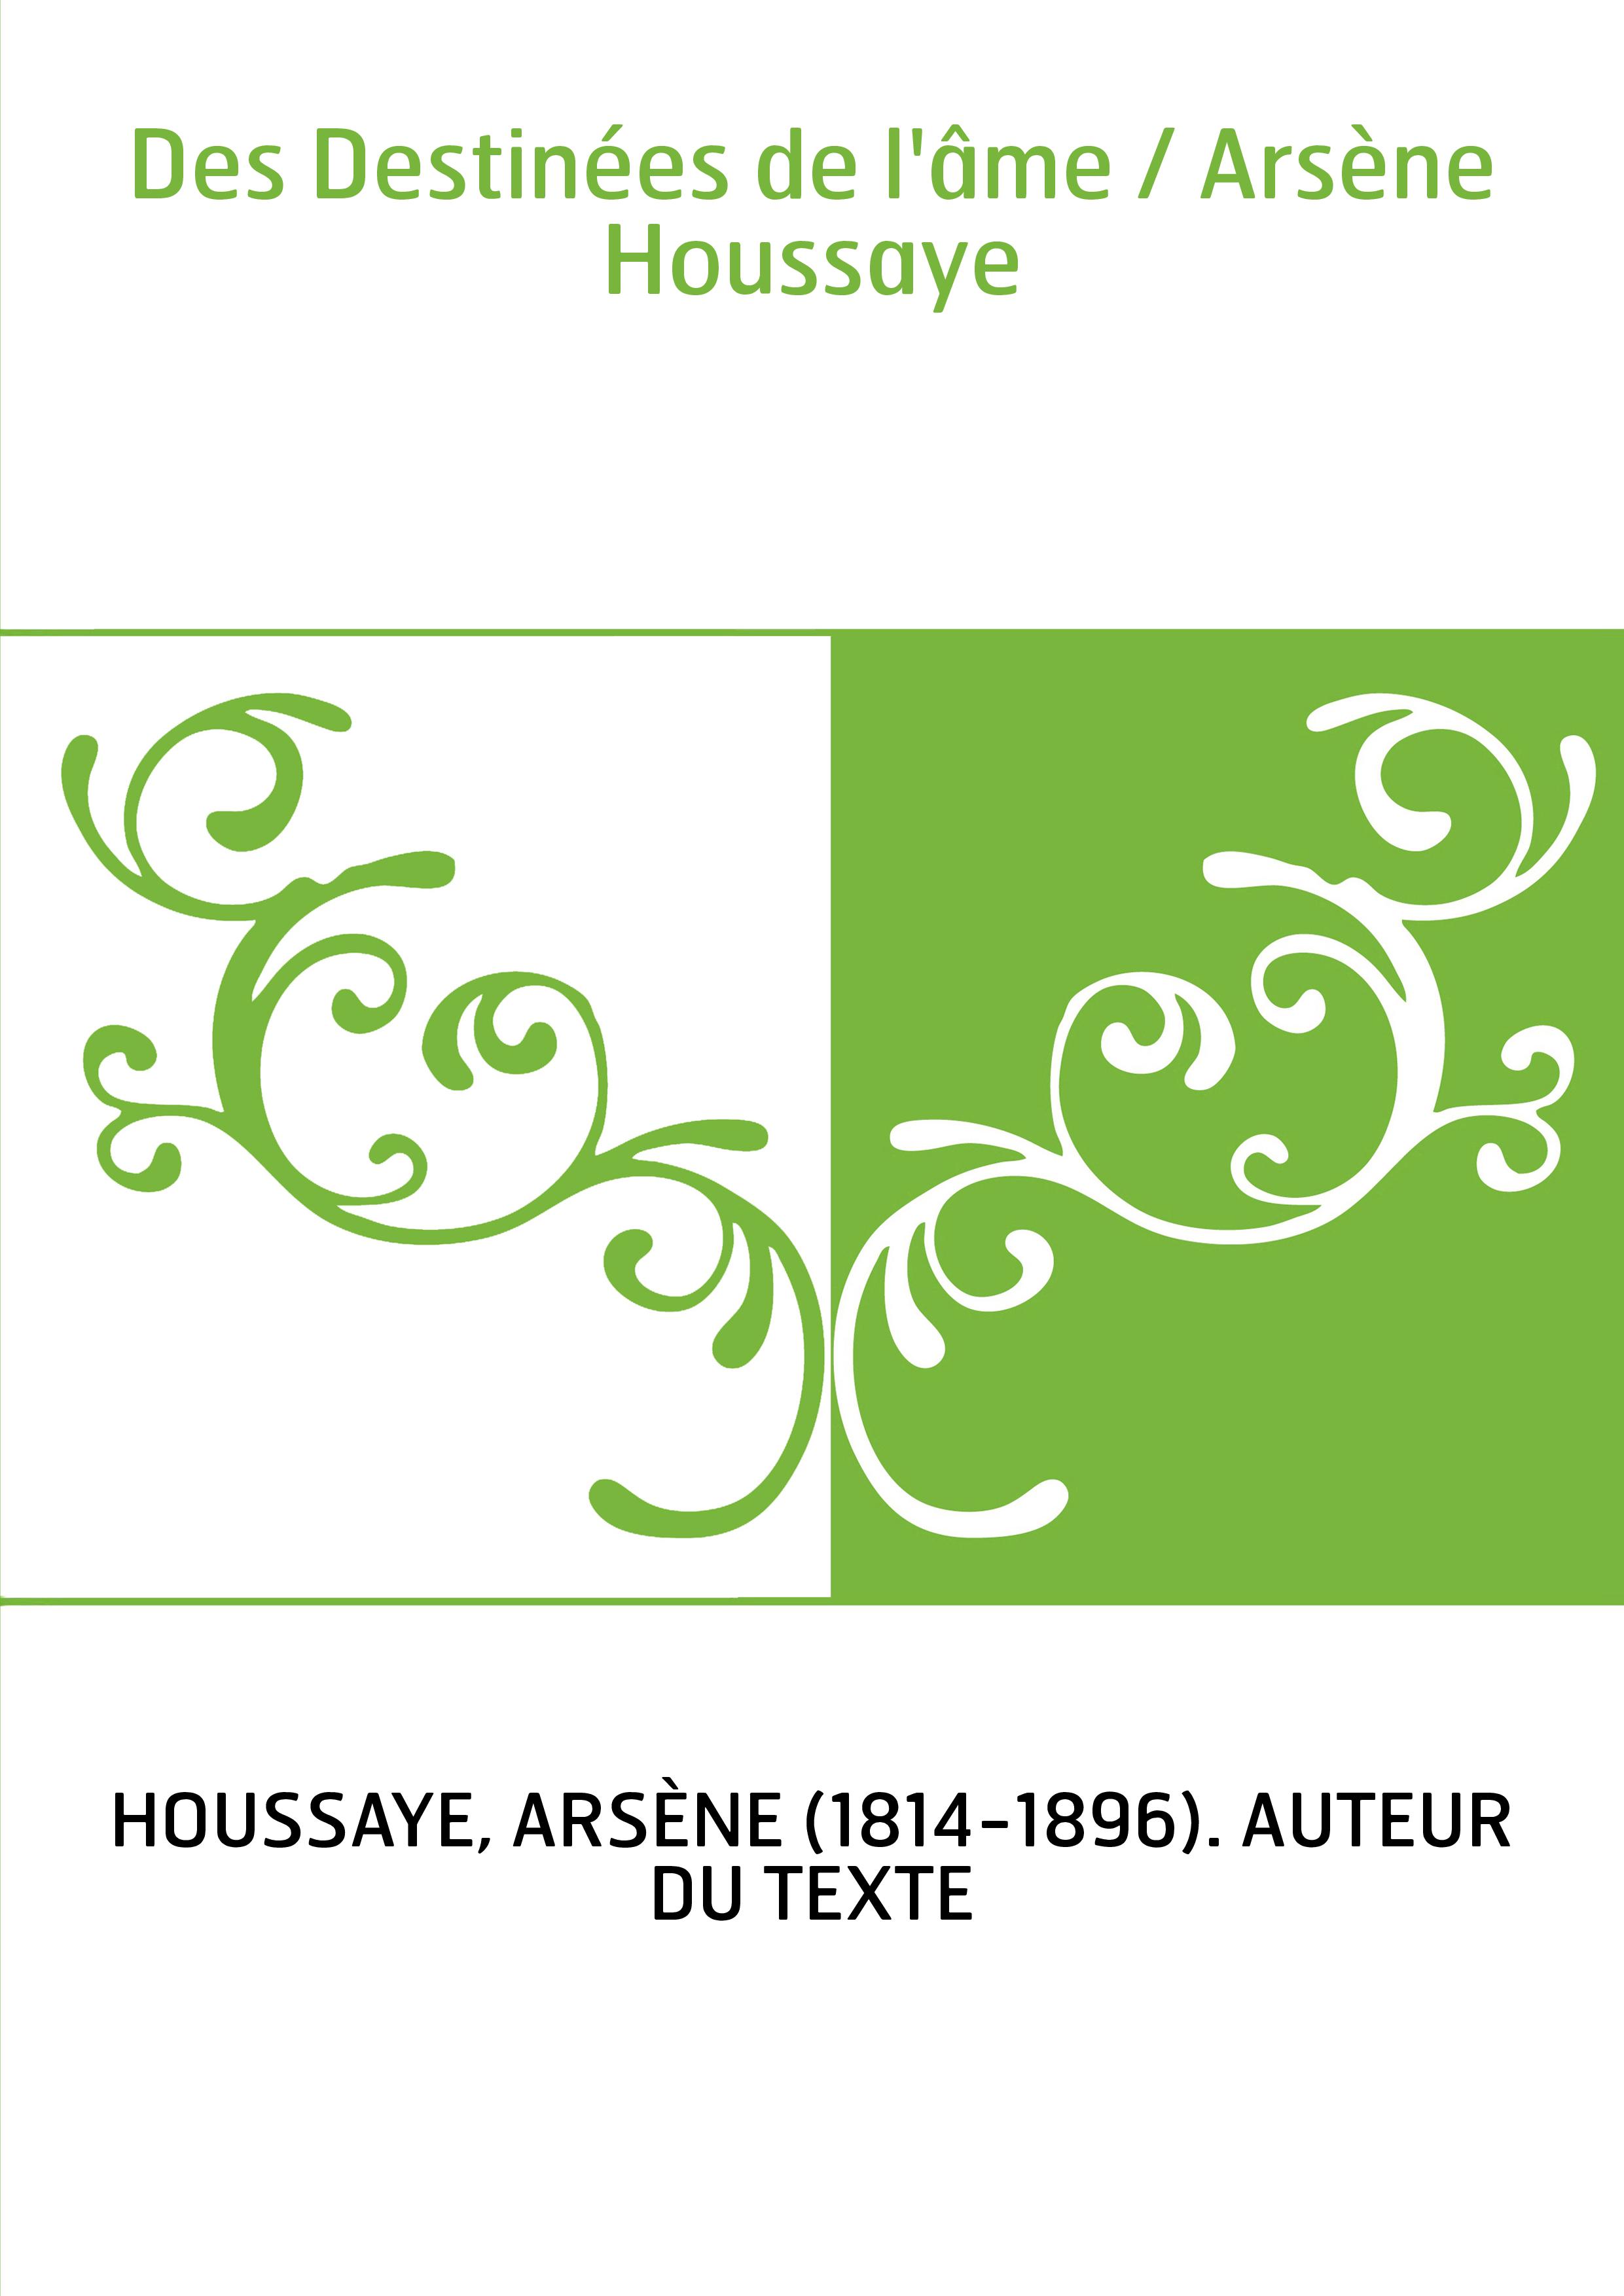 Des Destinées de l'âme / Arsène Houssaye